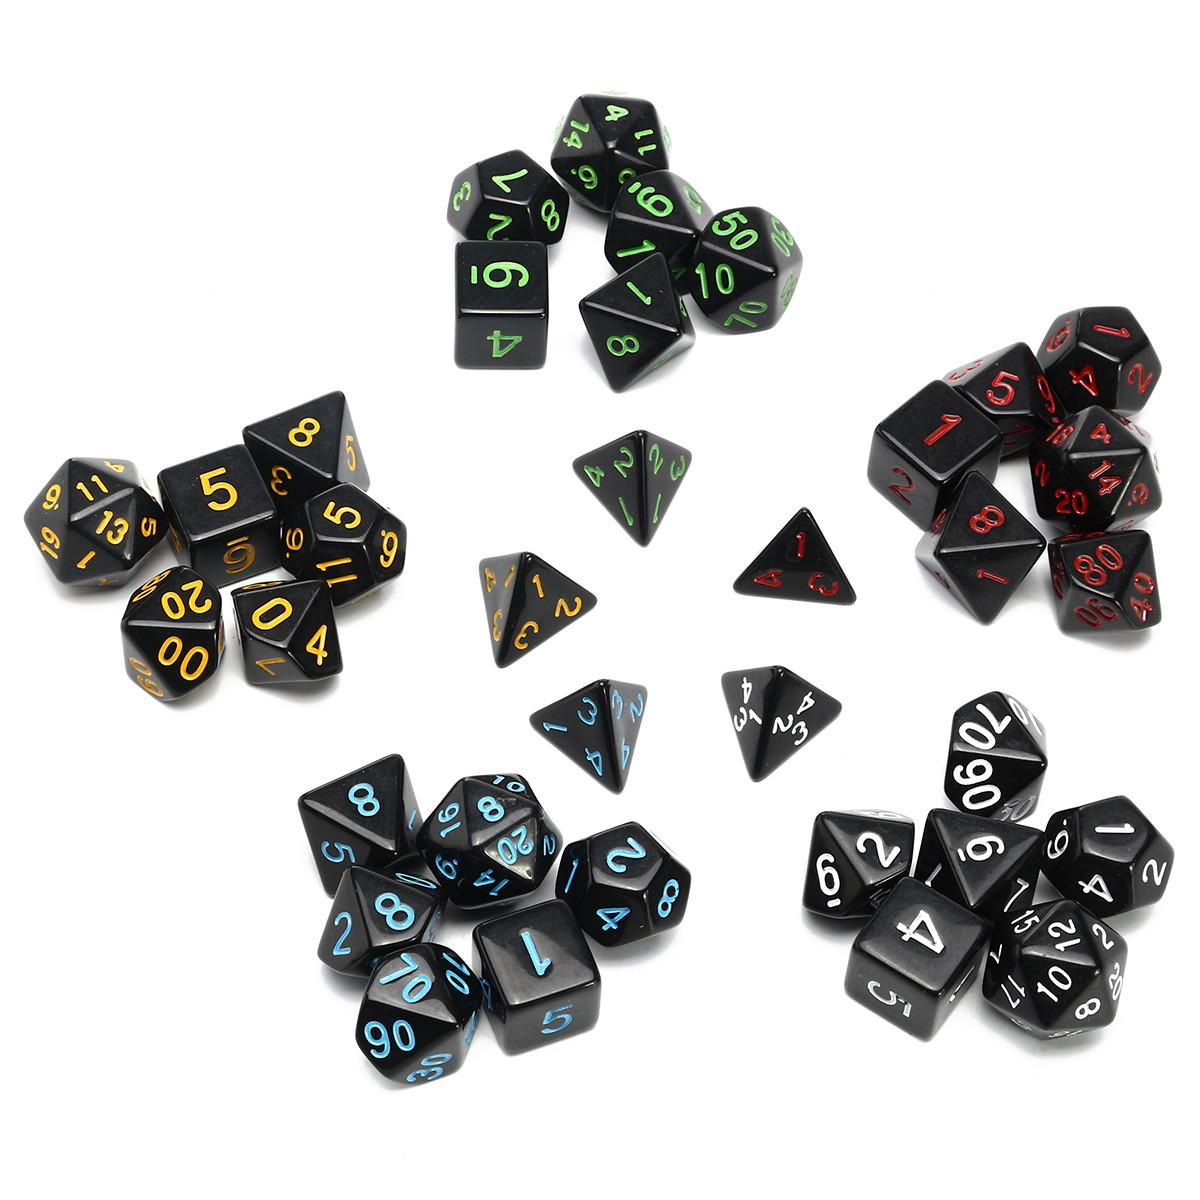 35 Piece Polyhedral Кости Set Multisided Кости С Кости Сумка RPG Ролевые игры Гаджет -1TopShop